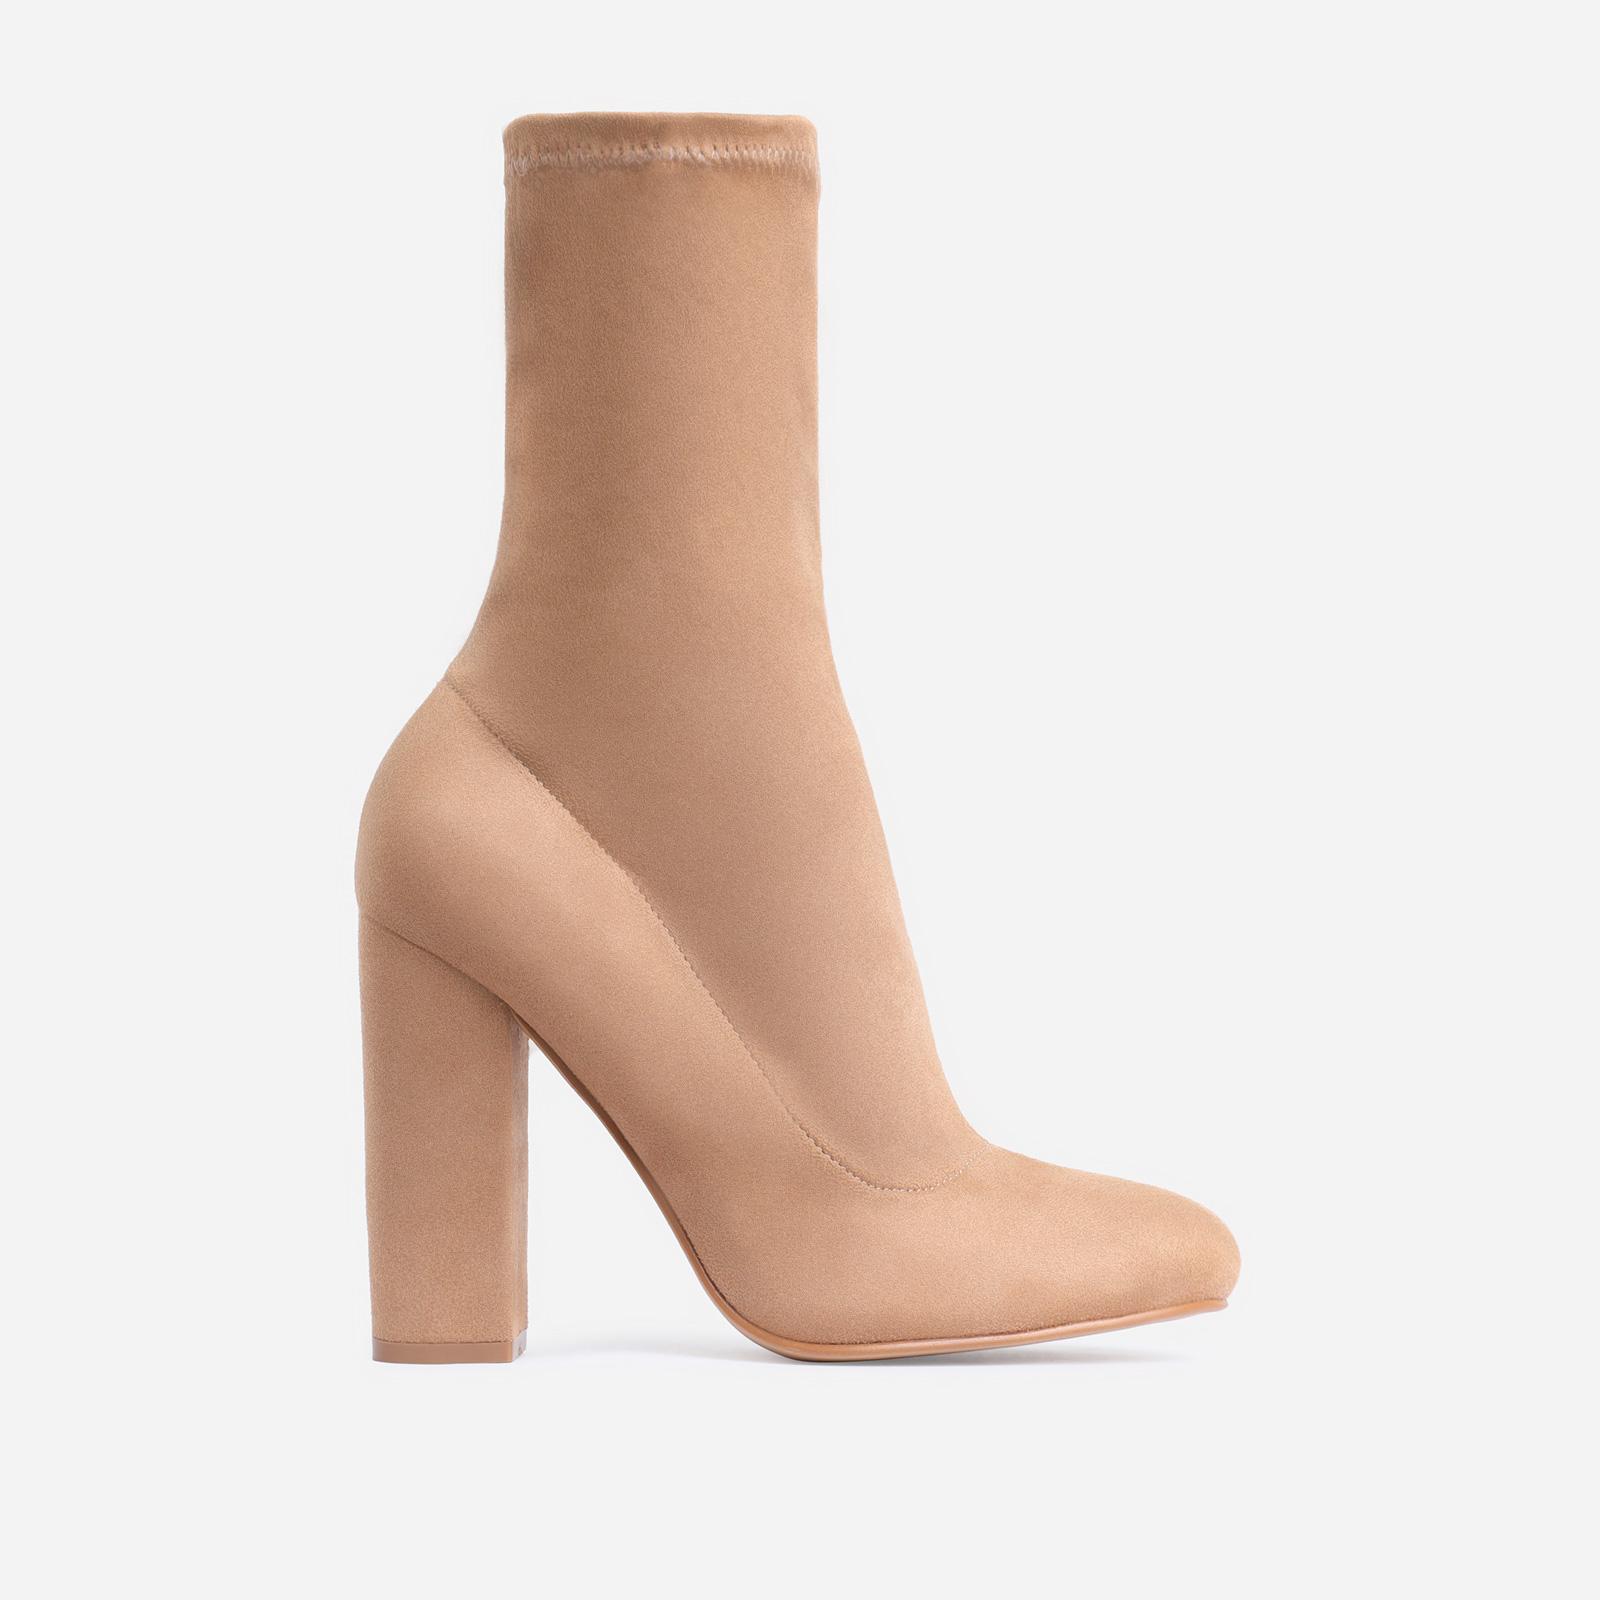 Hayden Block Heel Sock Boot In Khaki Faux Suede